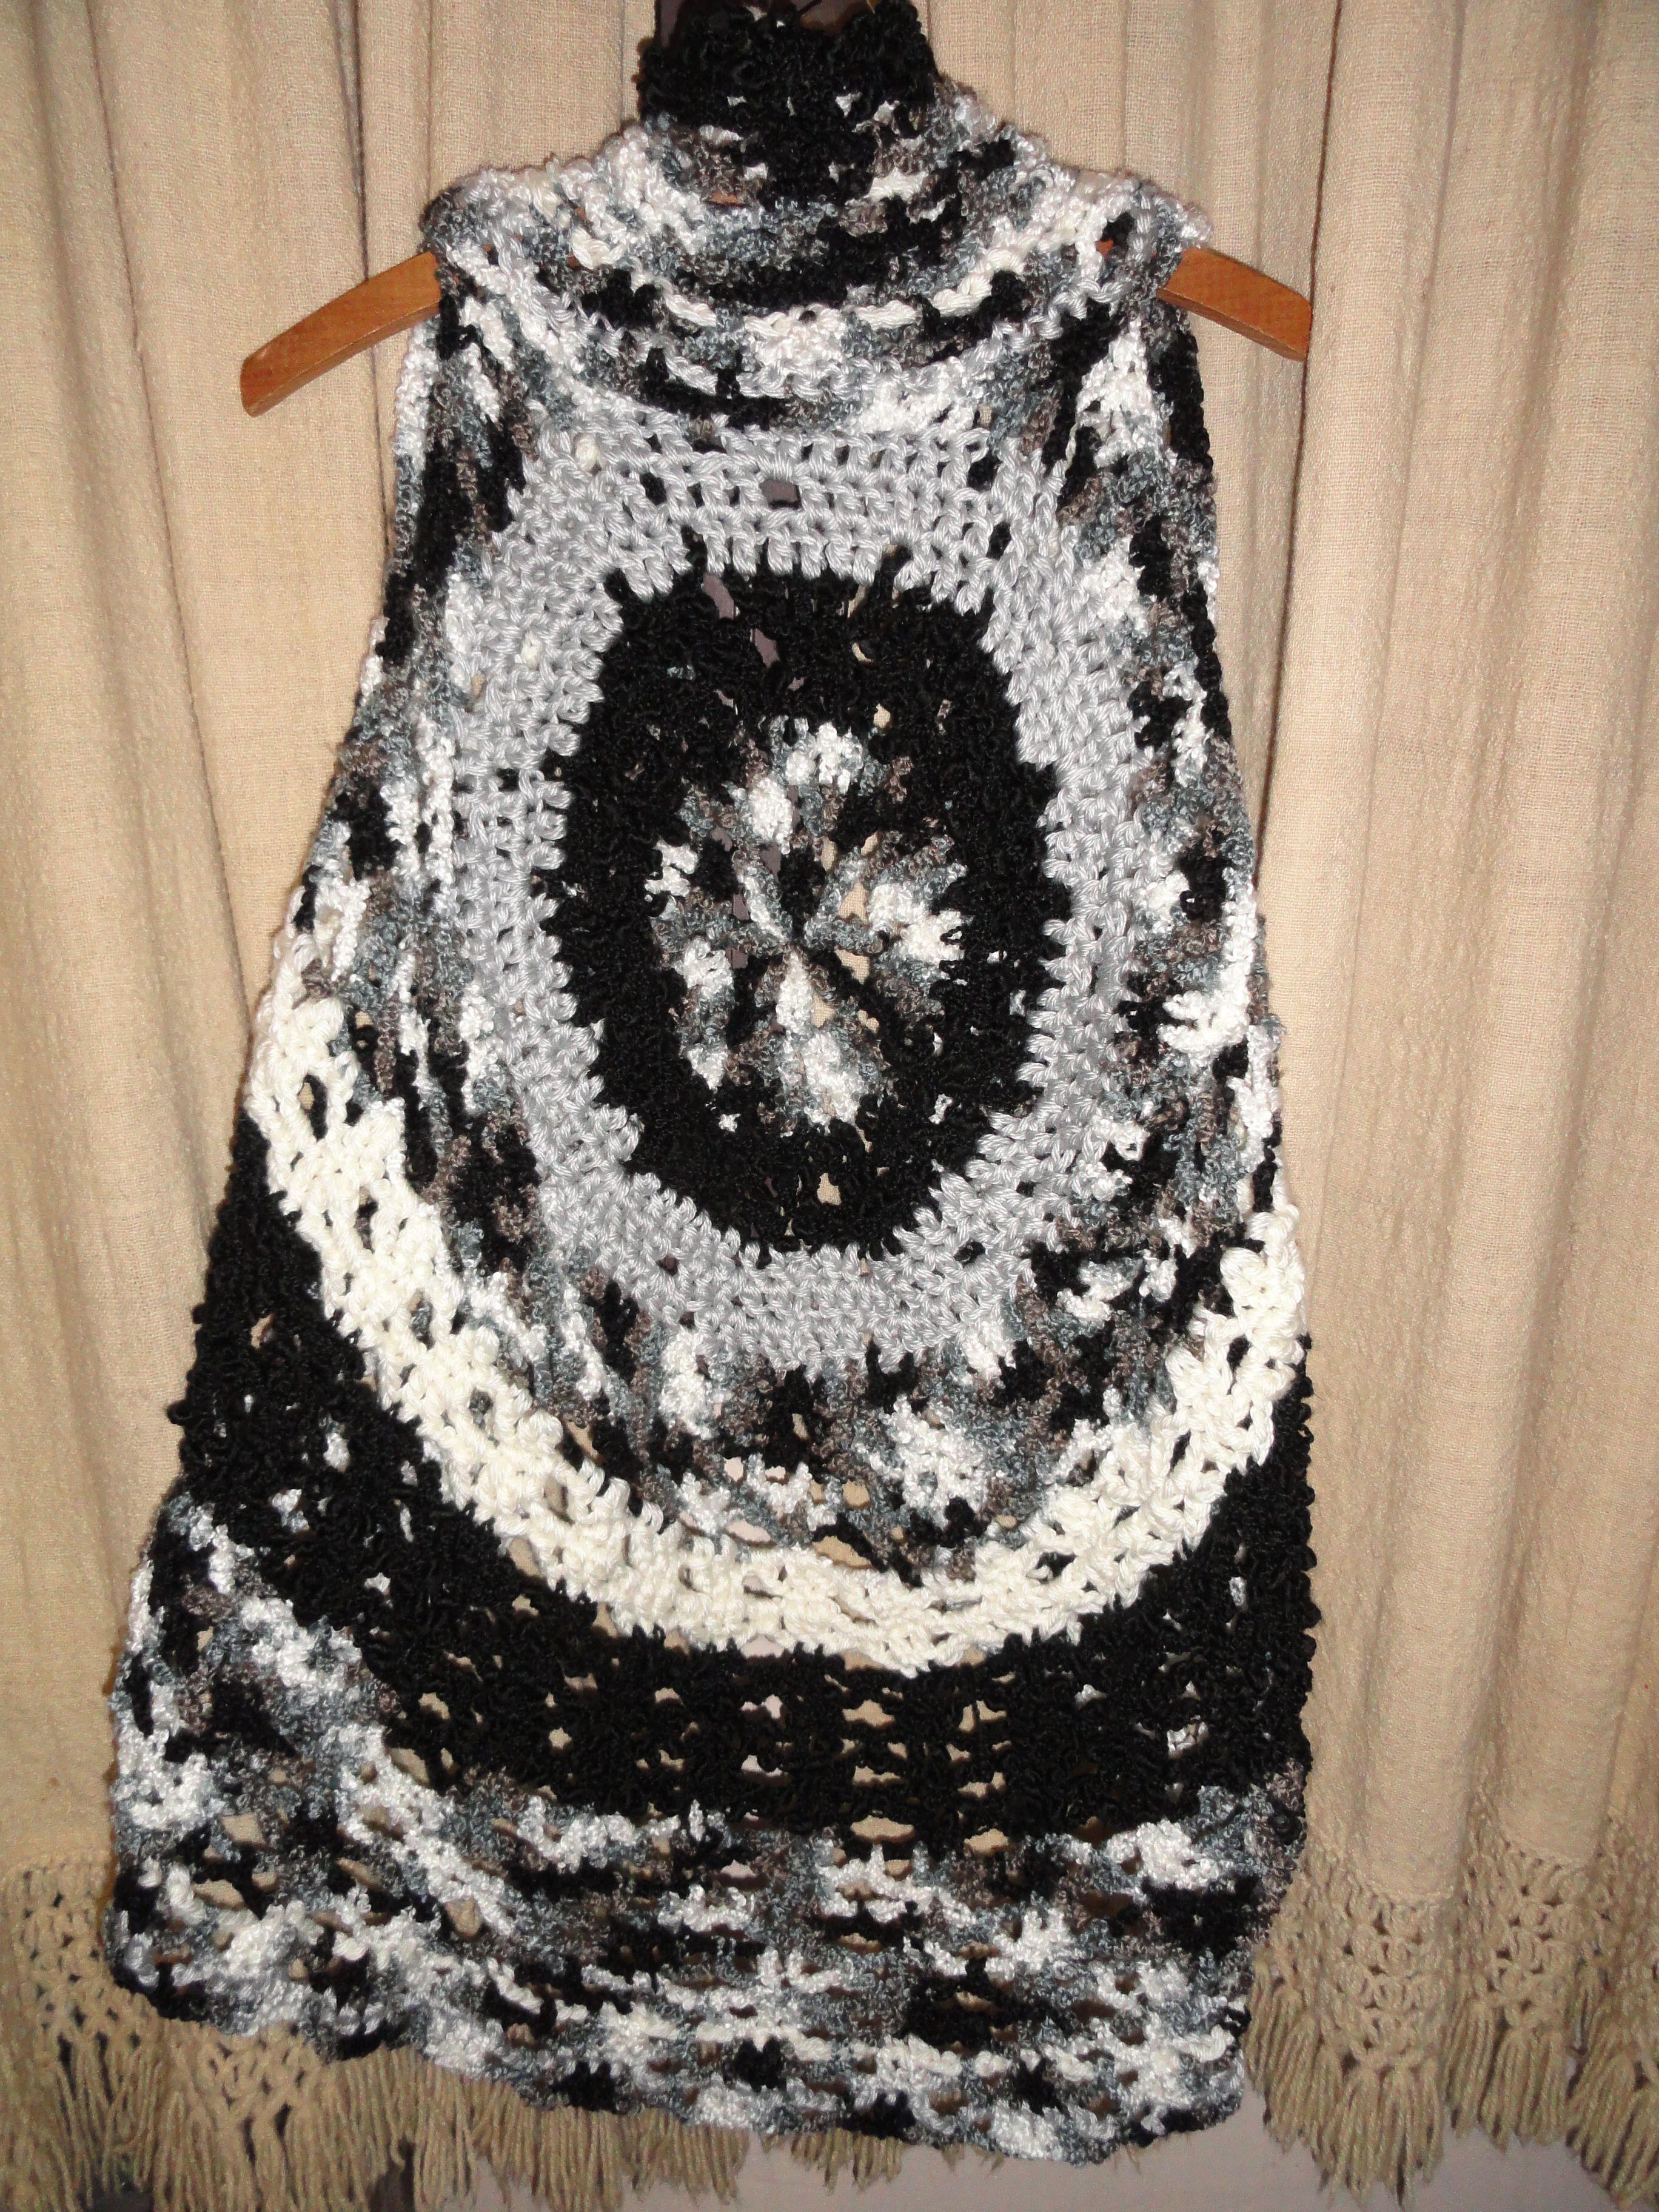 de lana al crochet, blanco, negro y gris